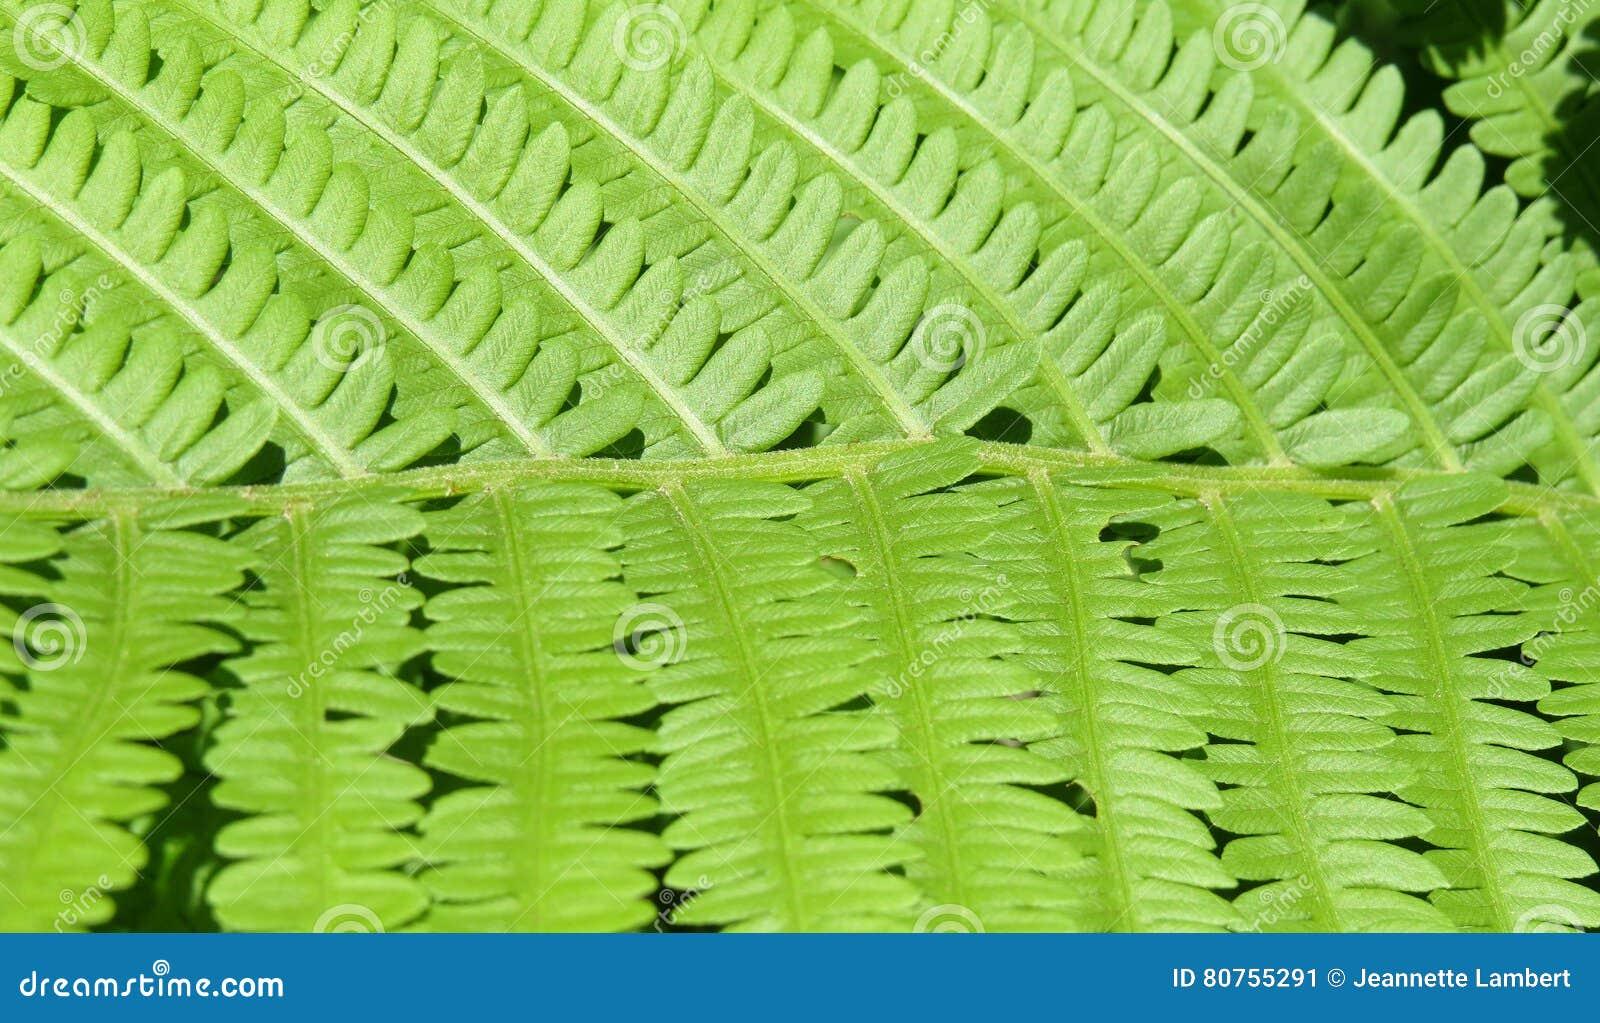 Close up da folha verde de uma planta da samambaia